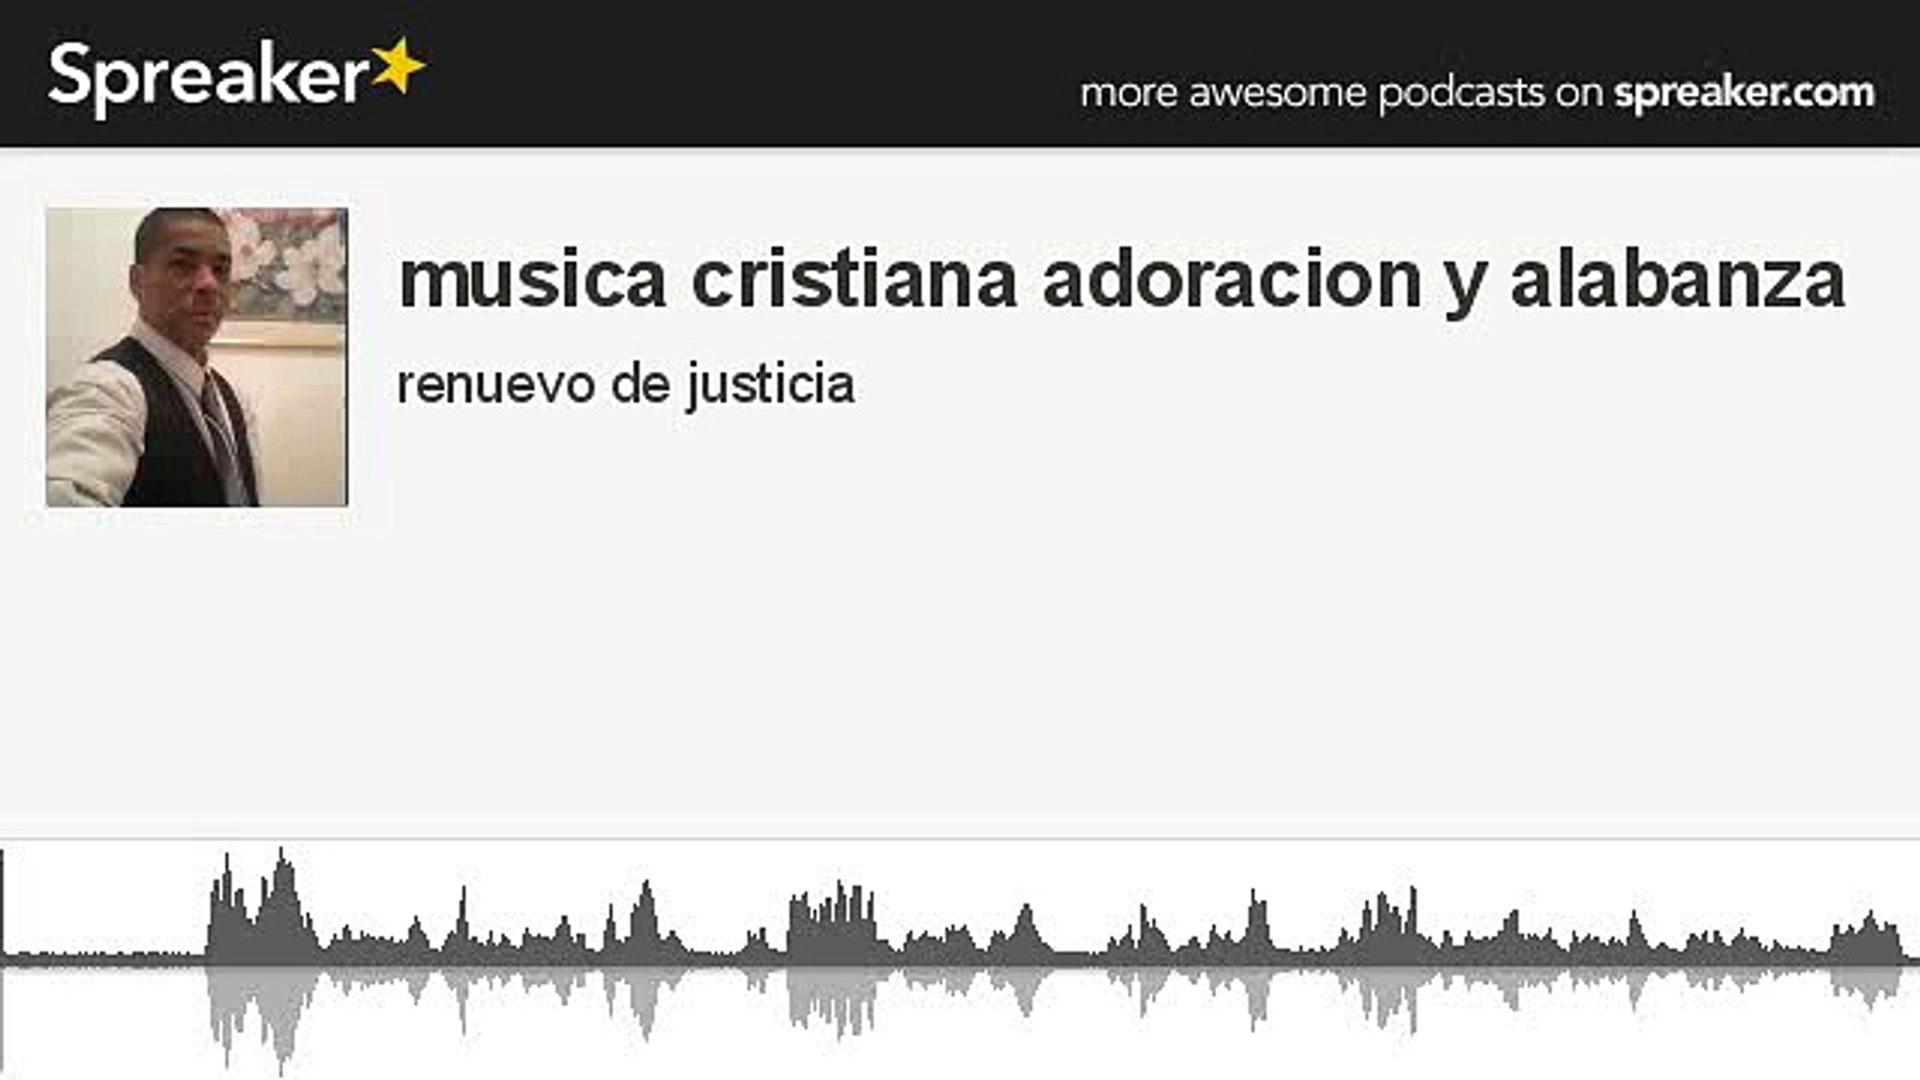 Alabanzas Cristianas De Adoracion musica cristiana adoracion y alabanza (made with spreaker)